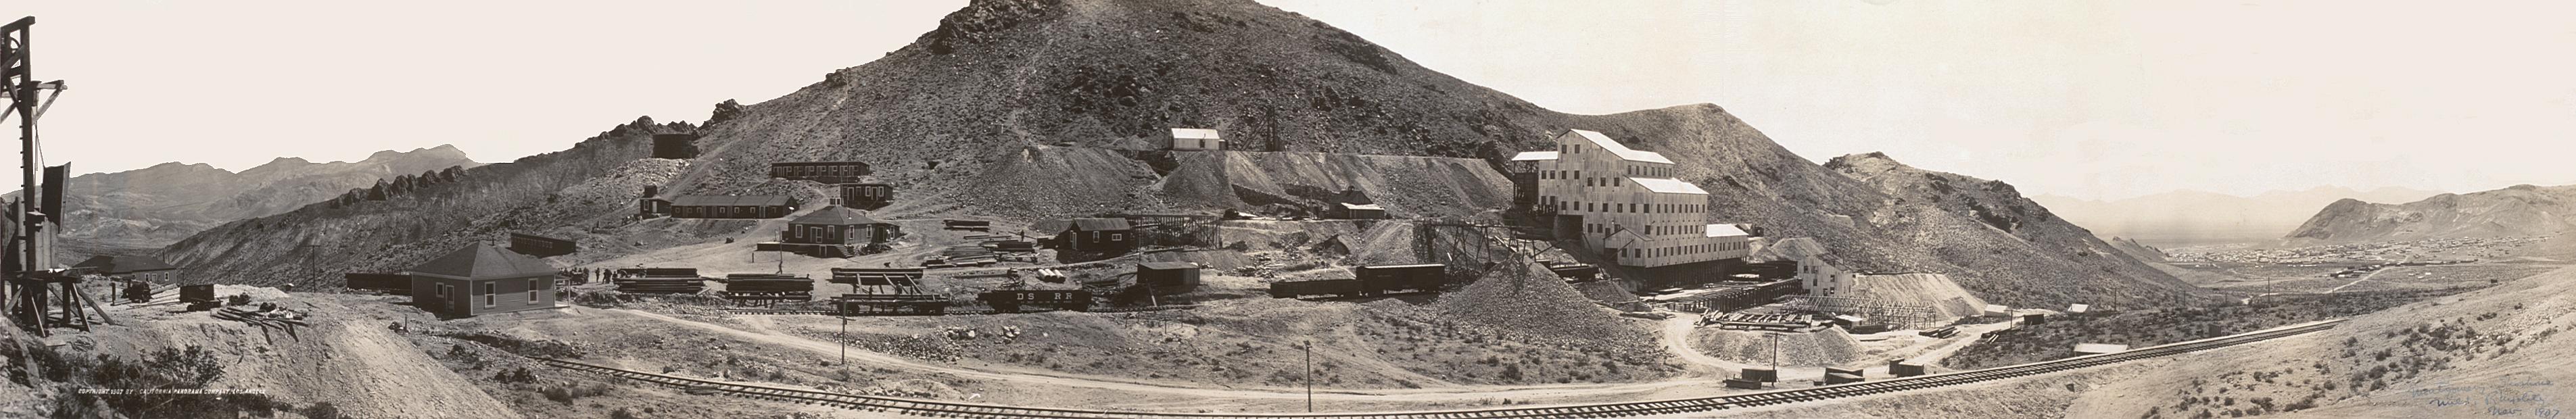 Montgomery-Shoshone mine panorama